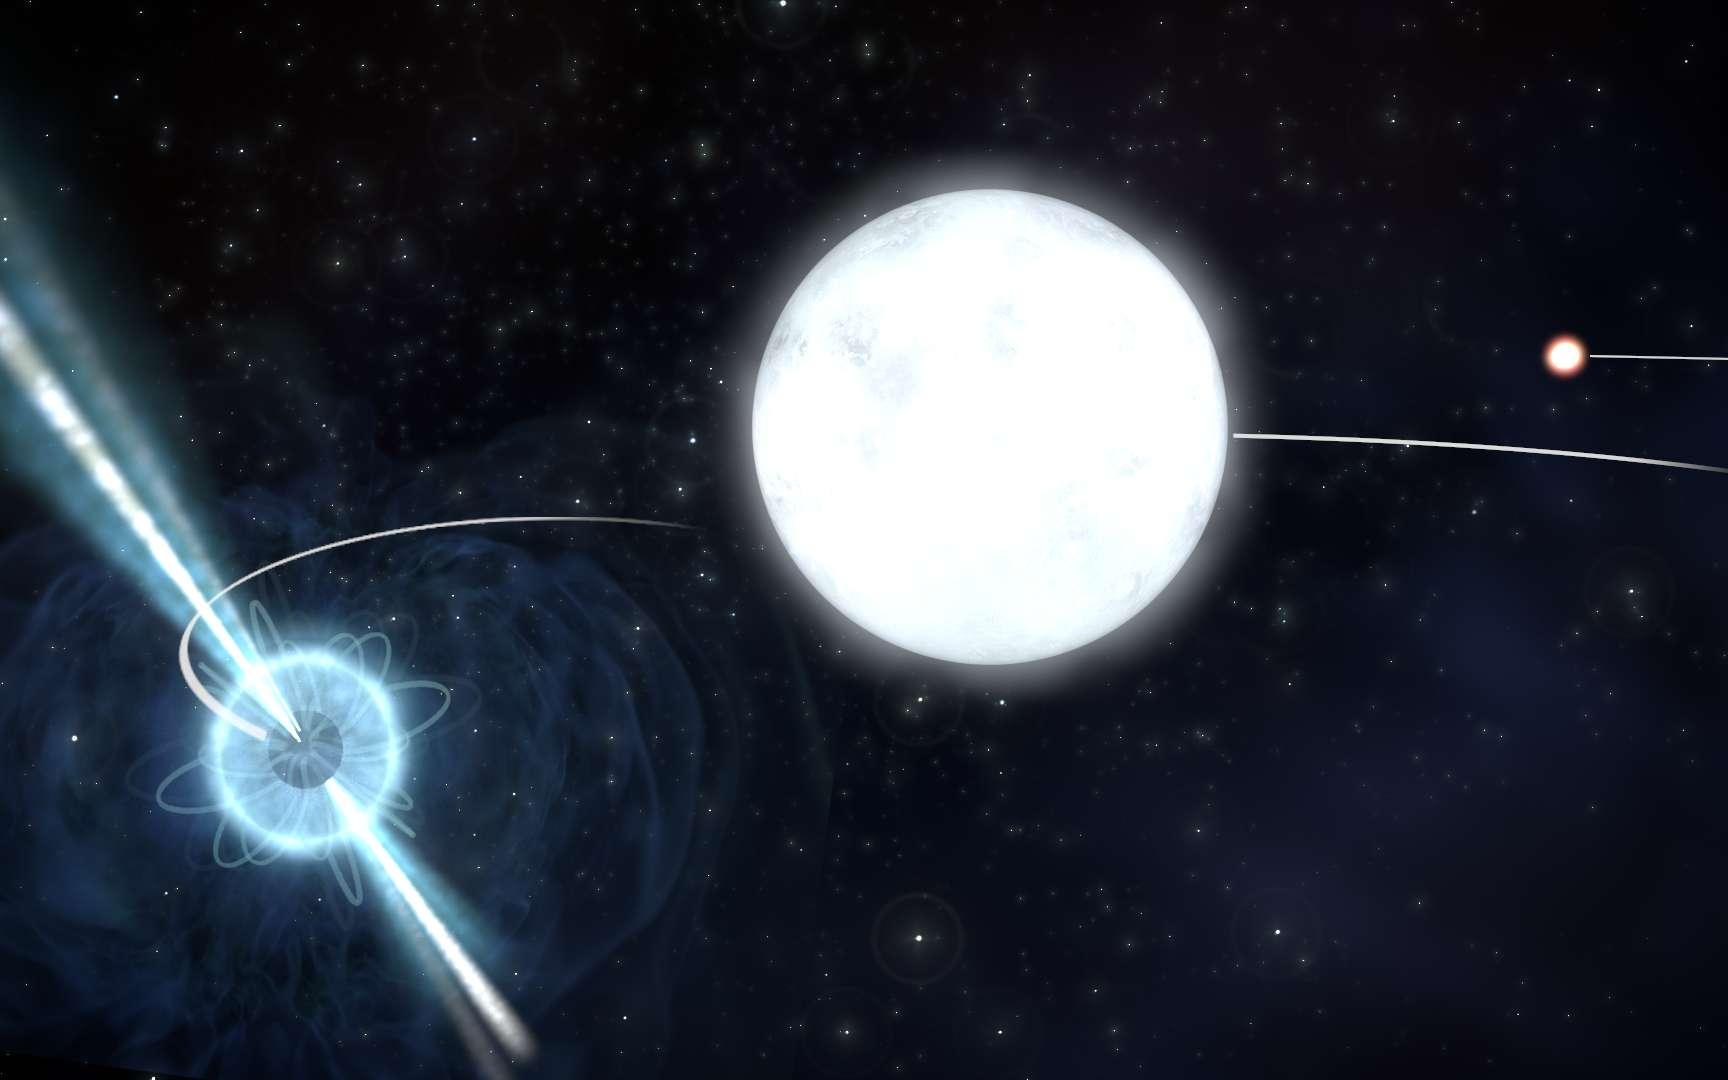 Impression d'artiste du système d'étoile triple PSR J0337+1715, qui est situé à environ 4.200 années-lumière de la Terre. Ce système fournit un laboratoire naturel pour tester les théories fondamentales de la gravité. © SKA organization